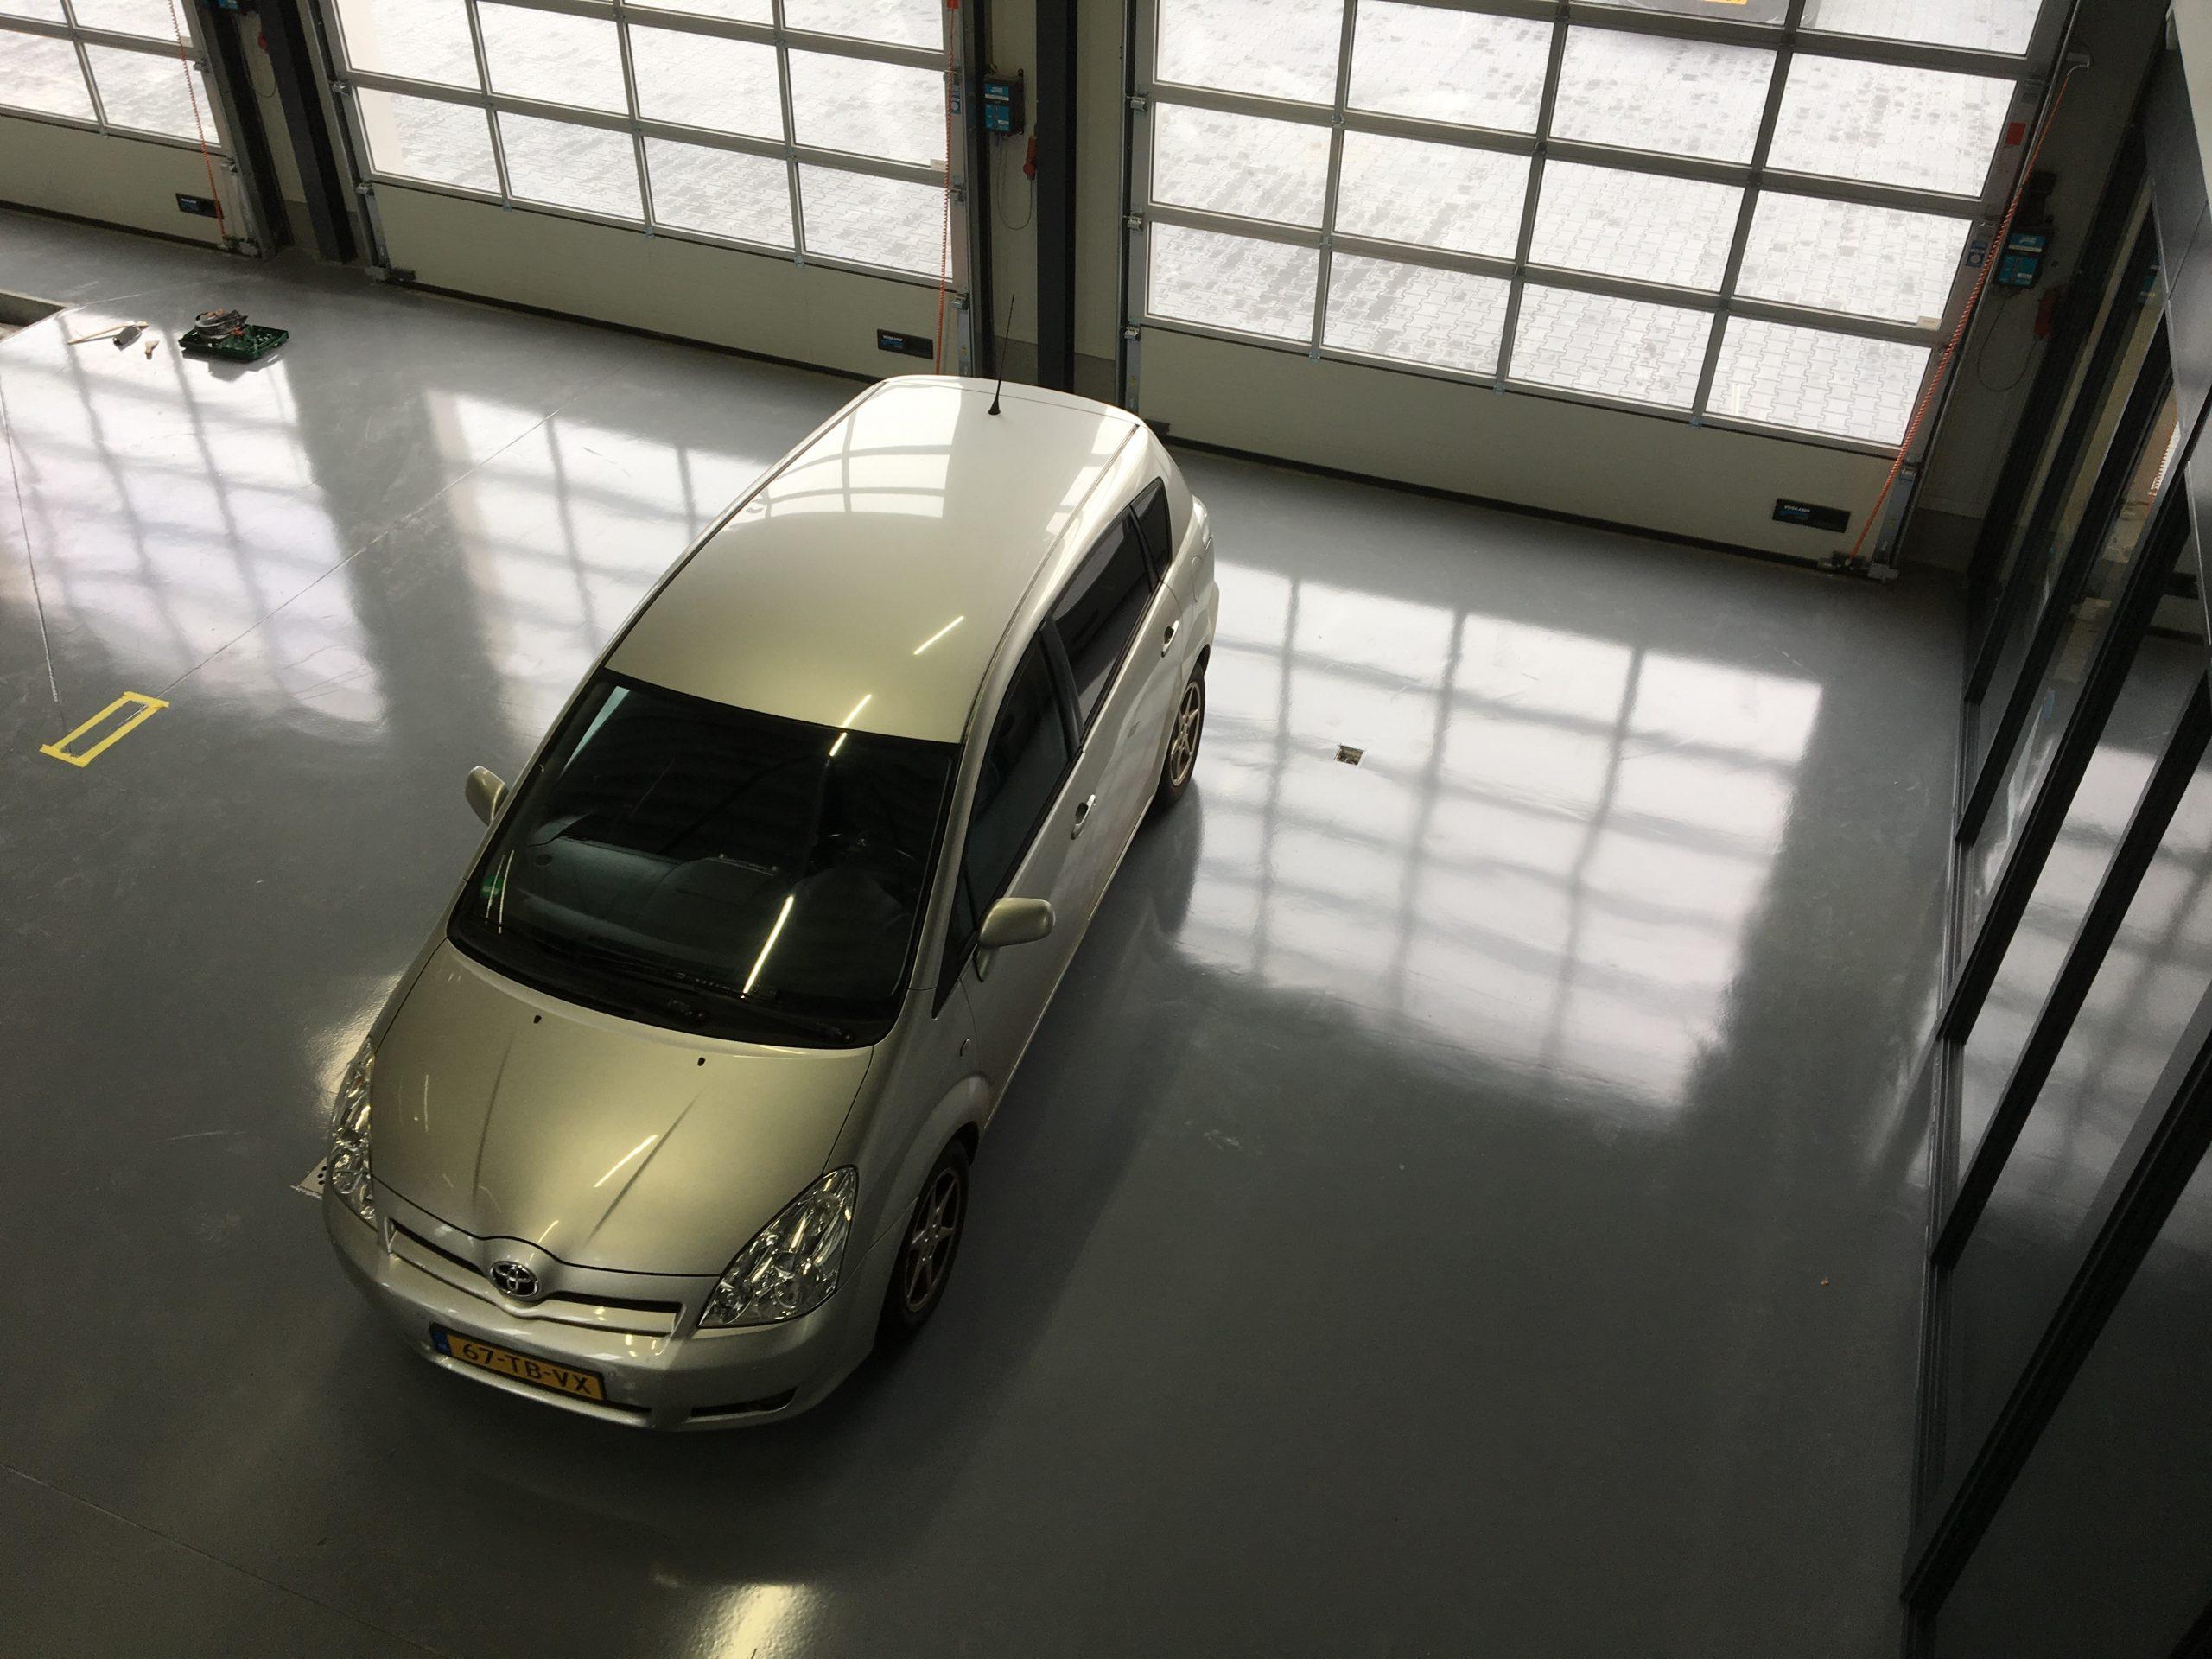 coatingvloer garagebedrijf